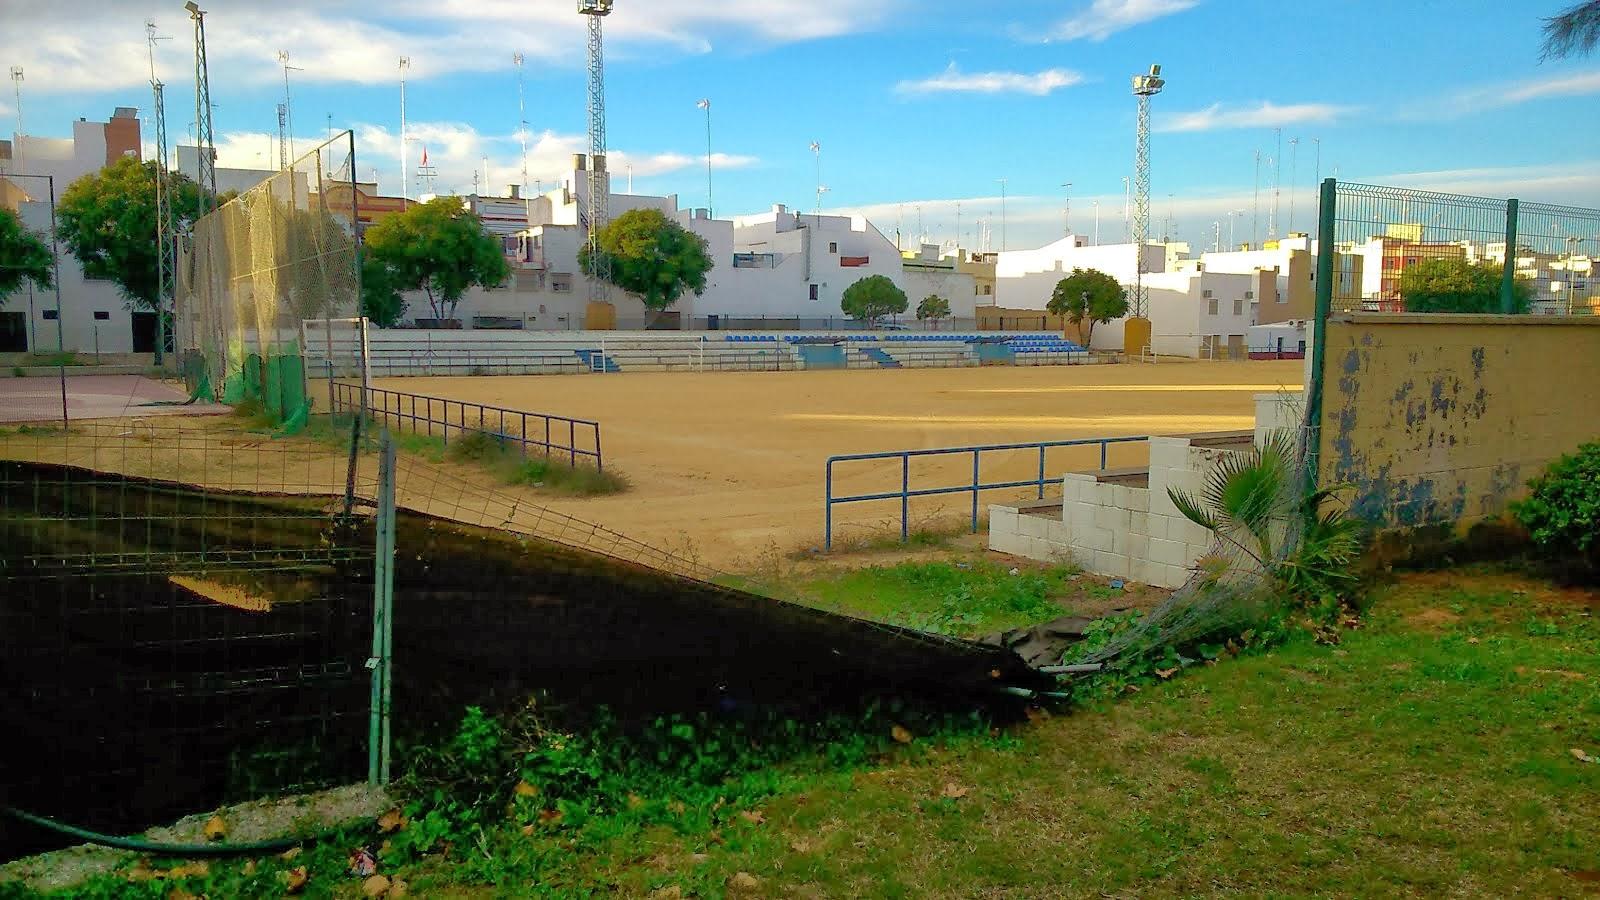 FOTO DENUNCIA: Amnesia programada en la adecuación de instalaciones deportivas del Distrito Sur.